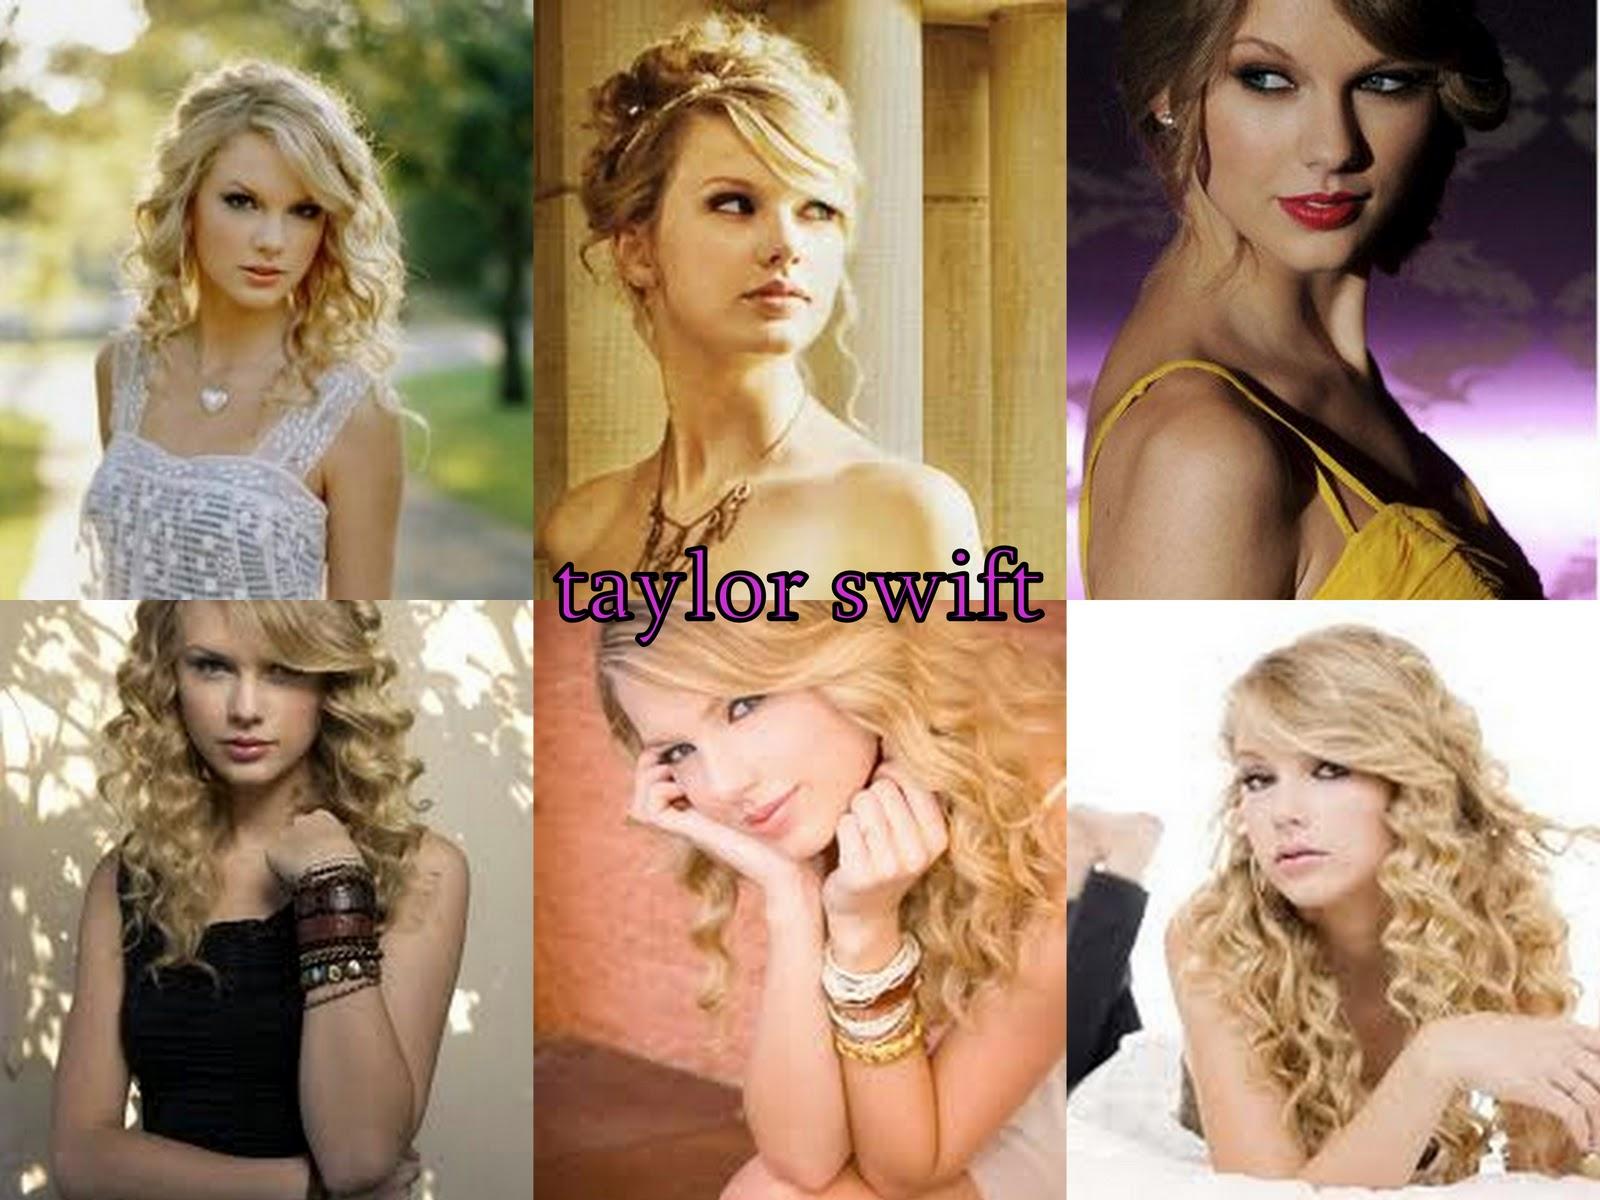 http://3.bp.blogspot.com/_j82ai8X4WjI/TJ1CCs0NbQI/AAAAAAAAAAY/5rZ1dar518s/s1600/taylor+swift.jpg